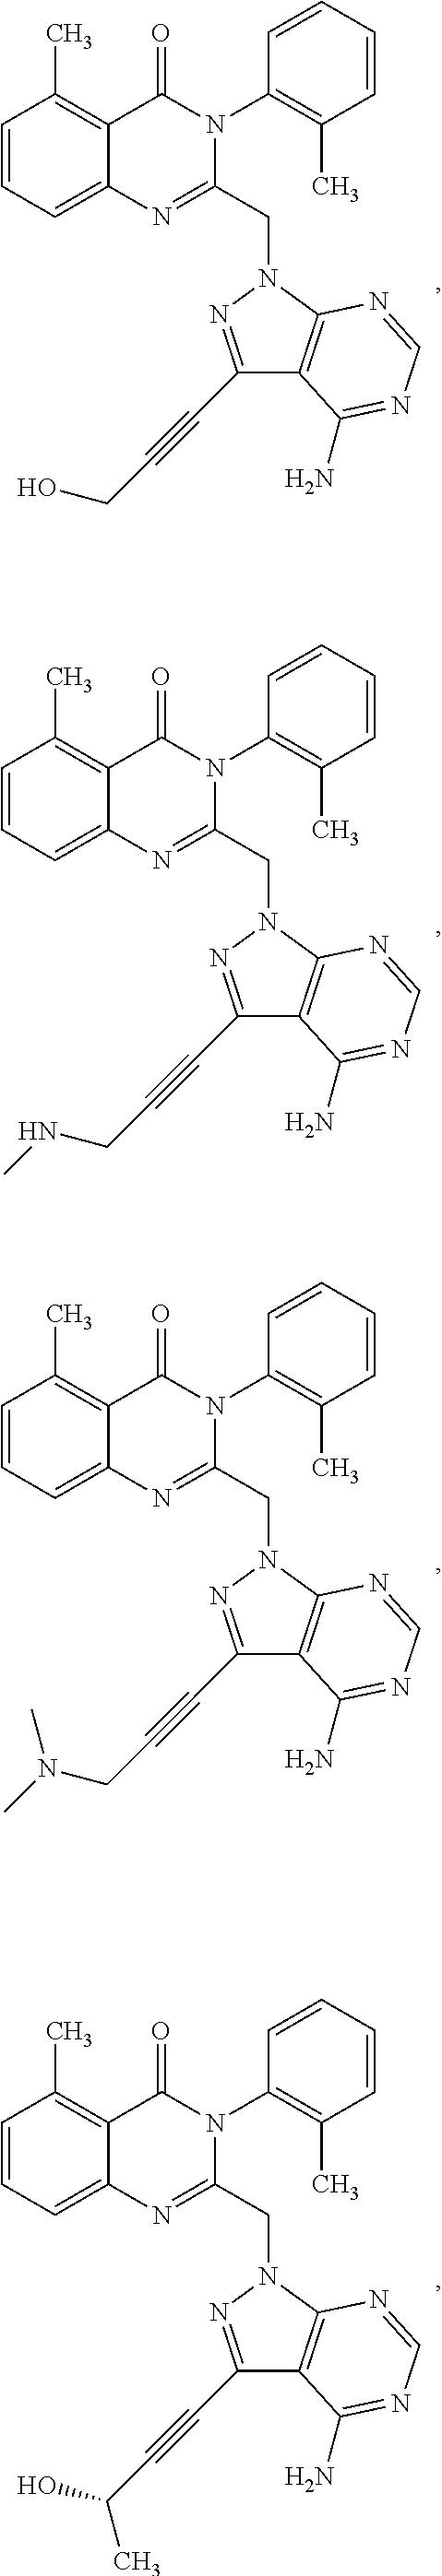 Figure US09493467-20161115-C00048